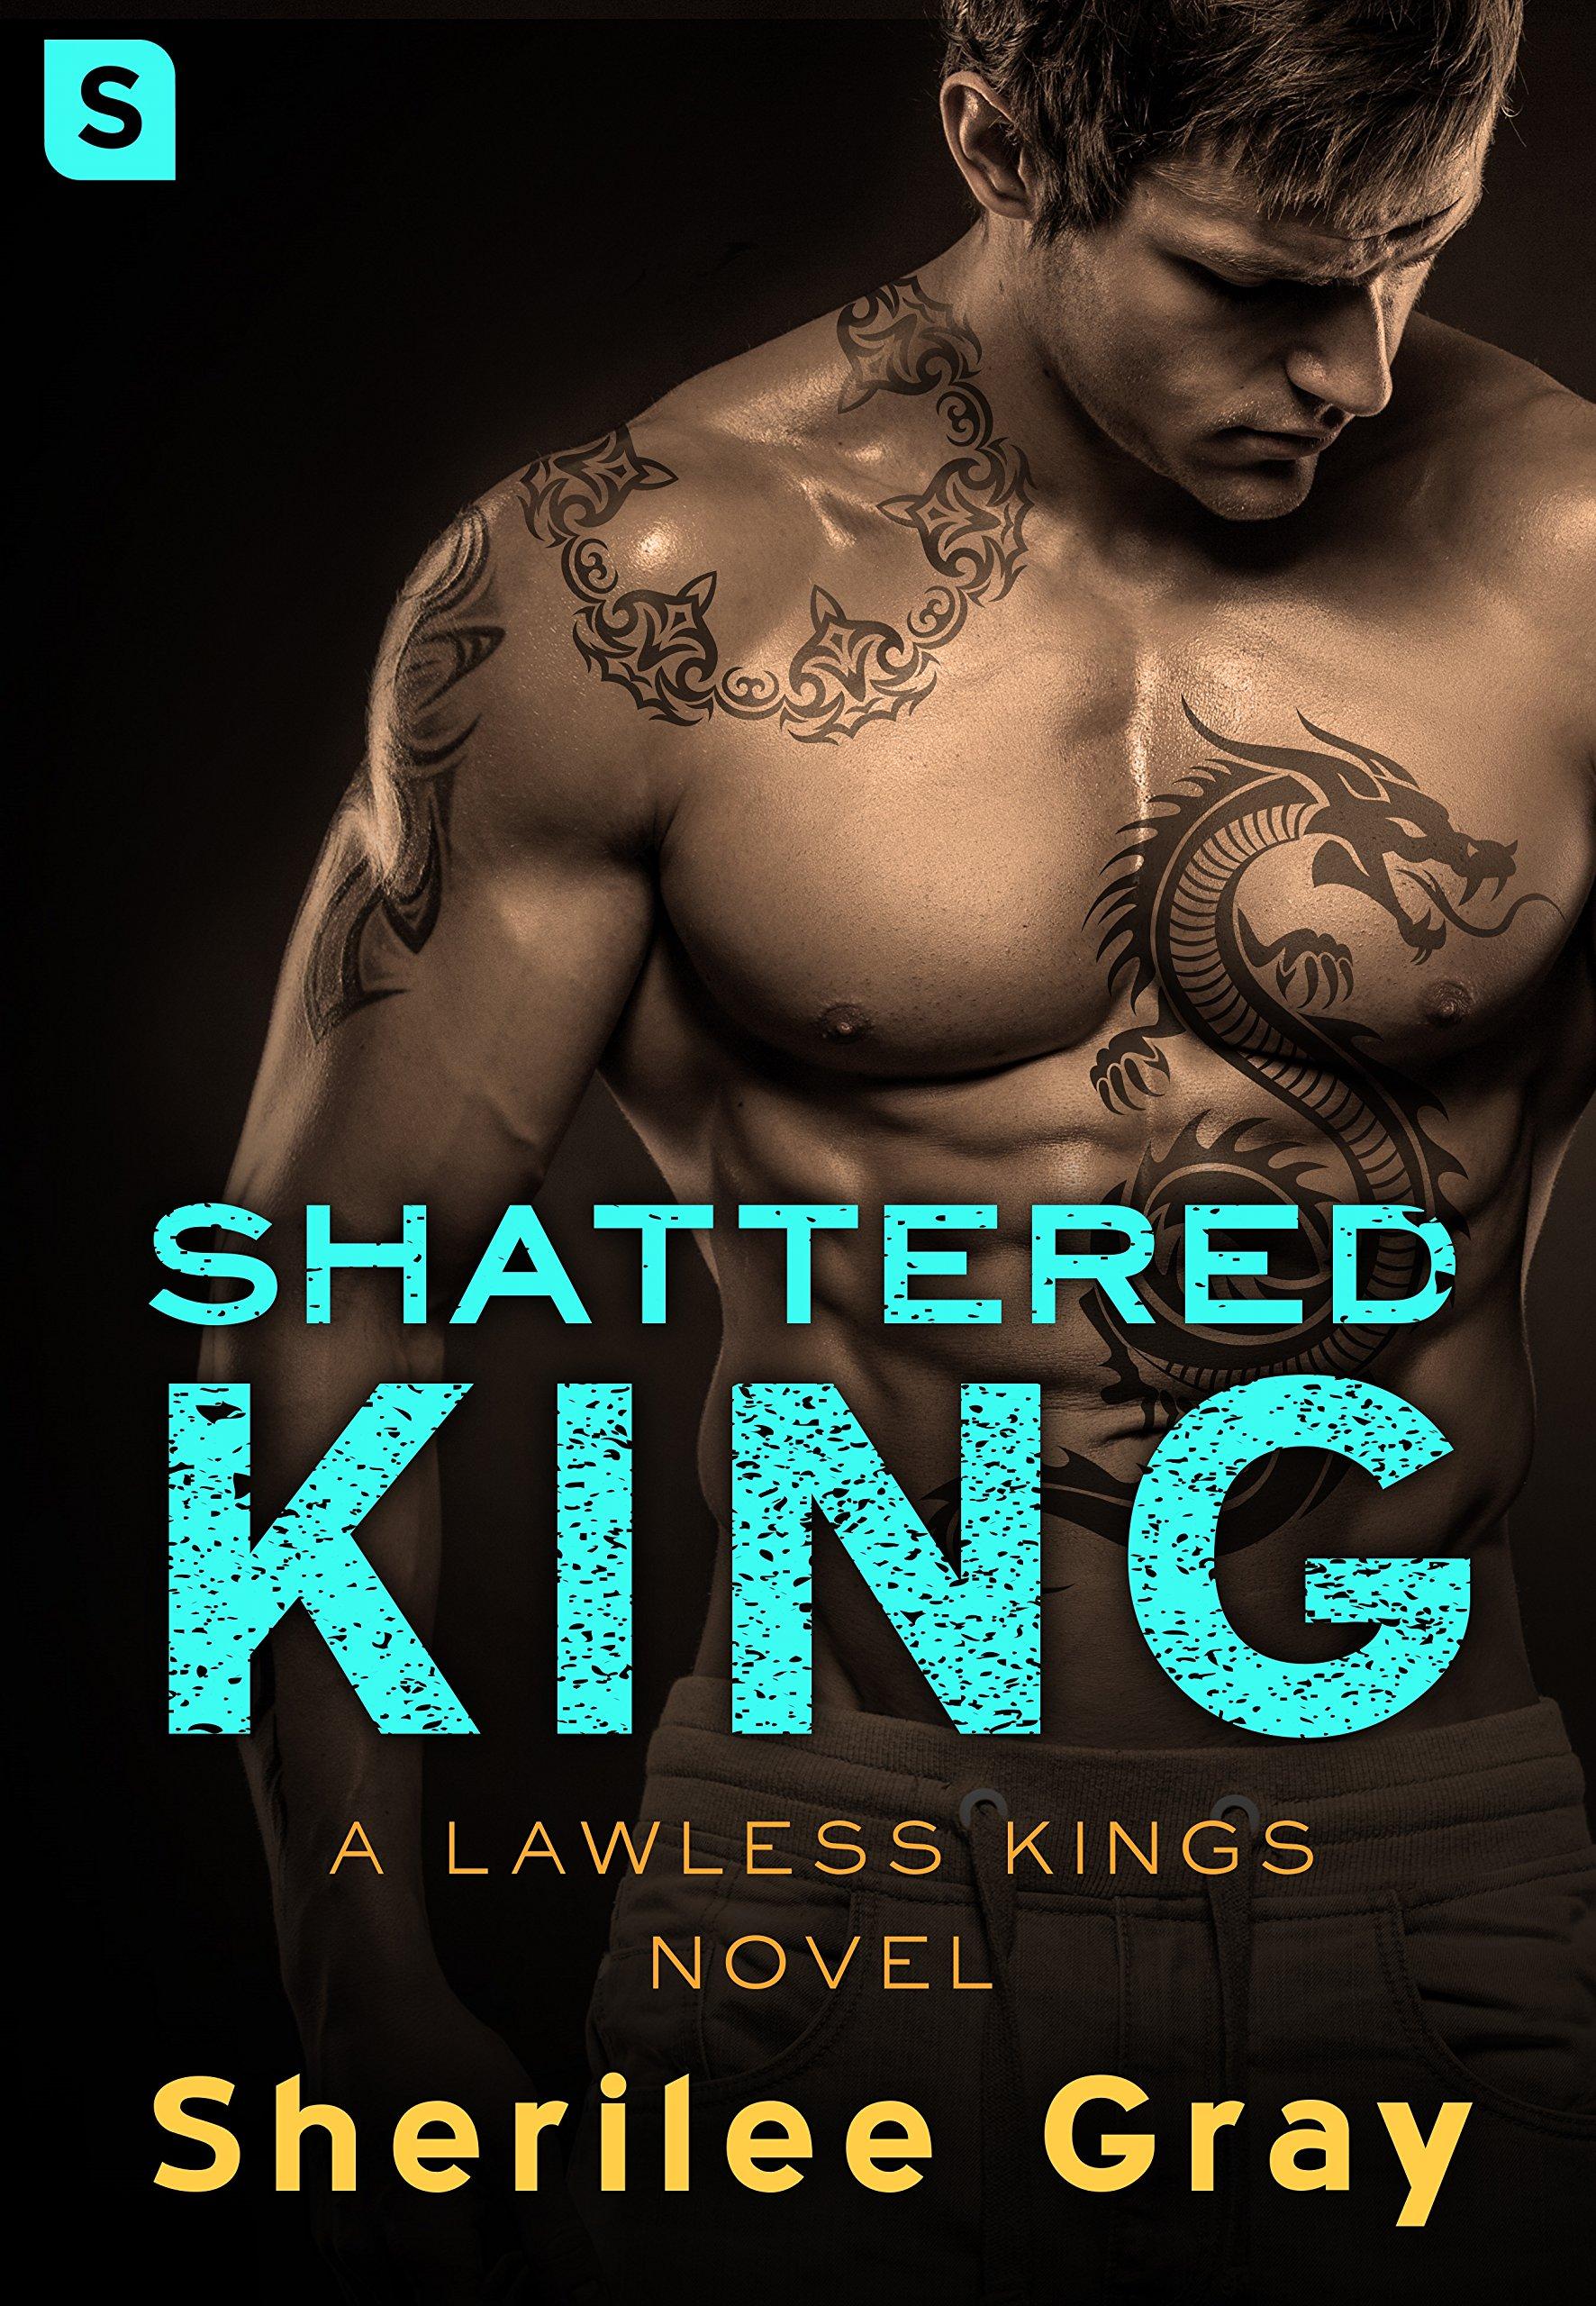 Lawless Kings (2 Book Series)